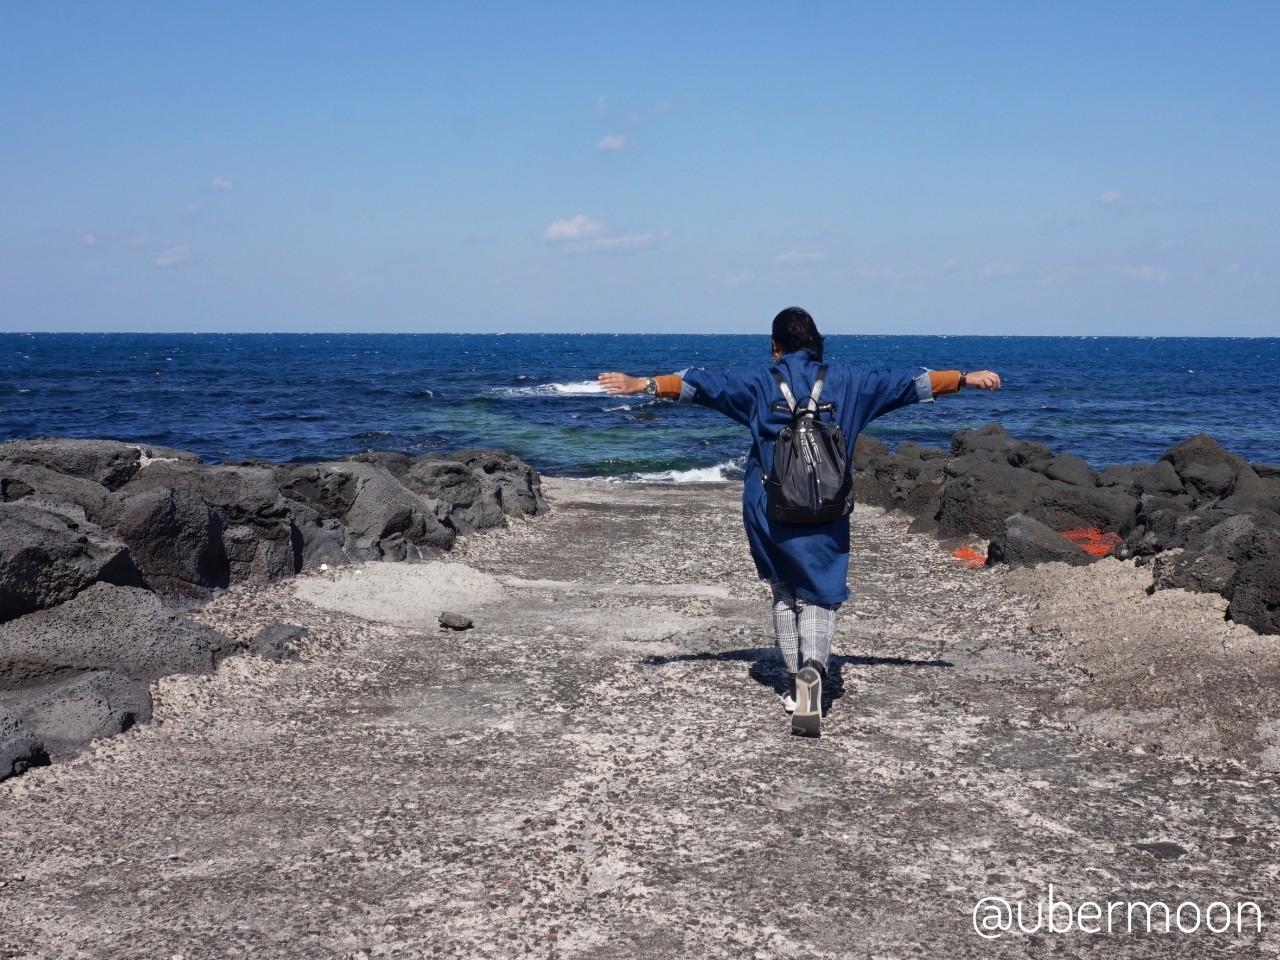 Udo Seaside